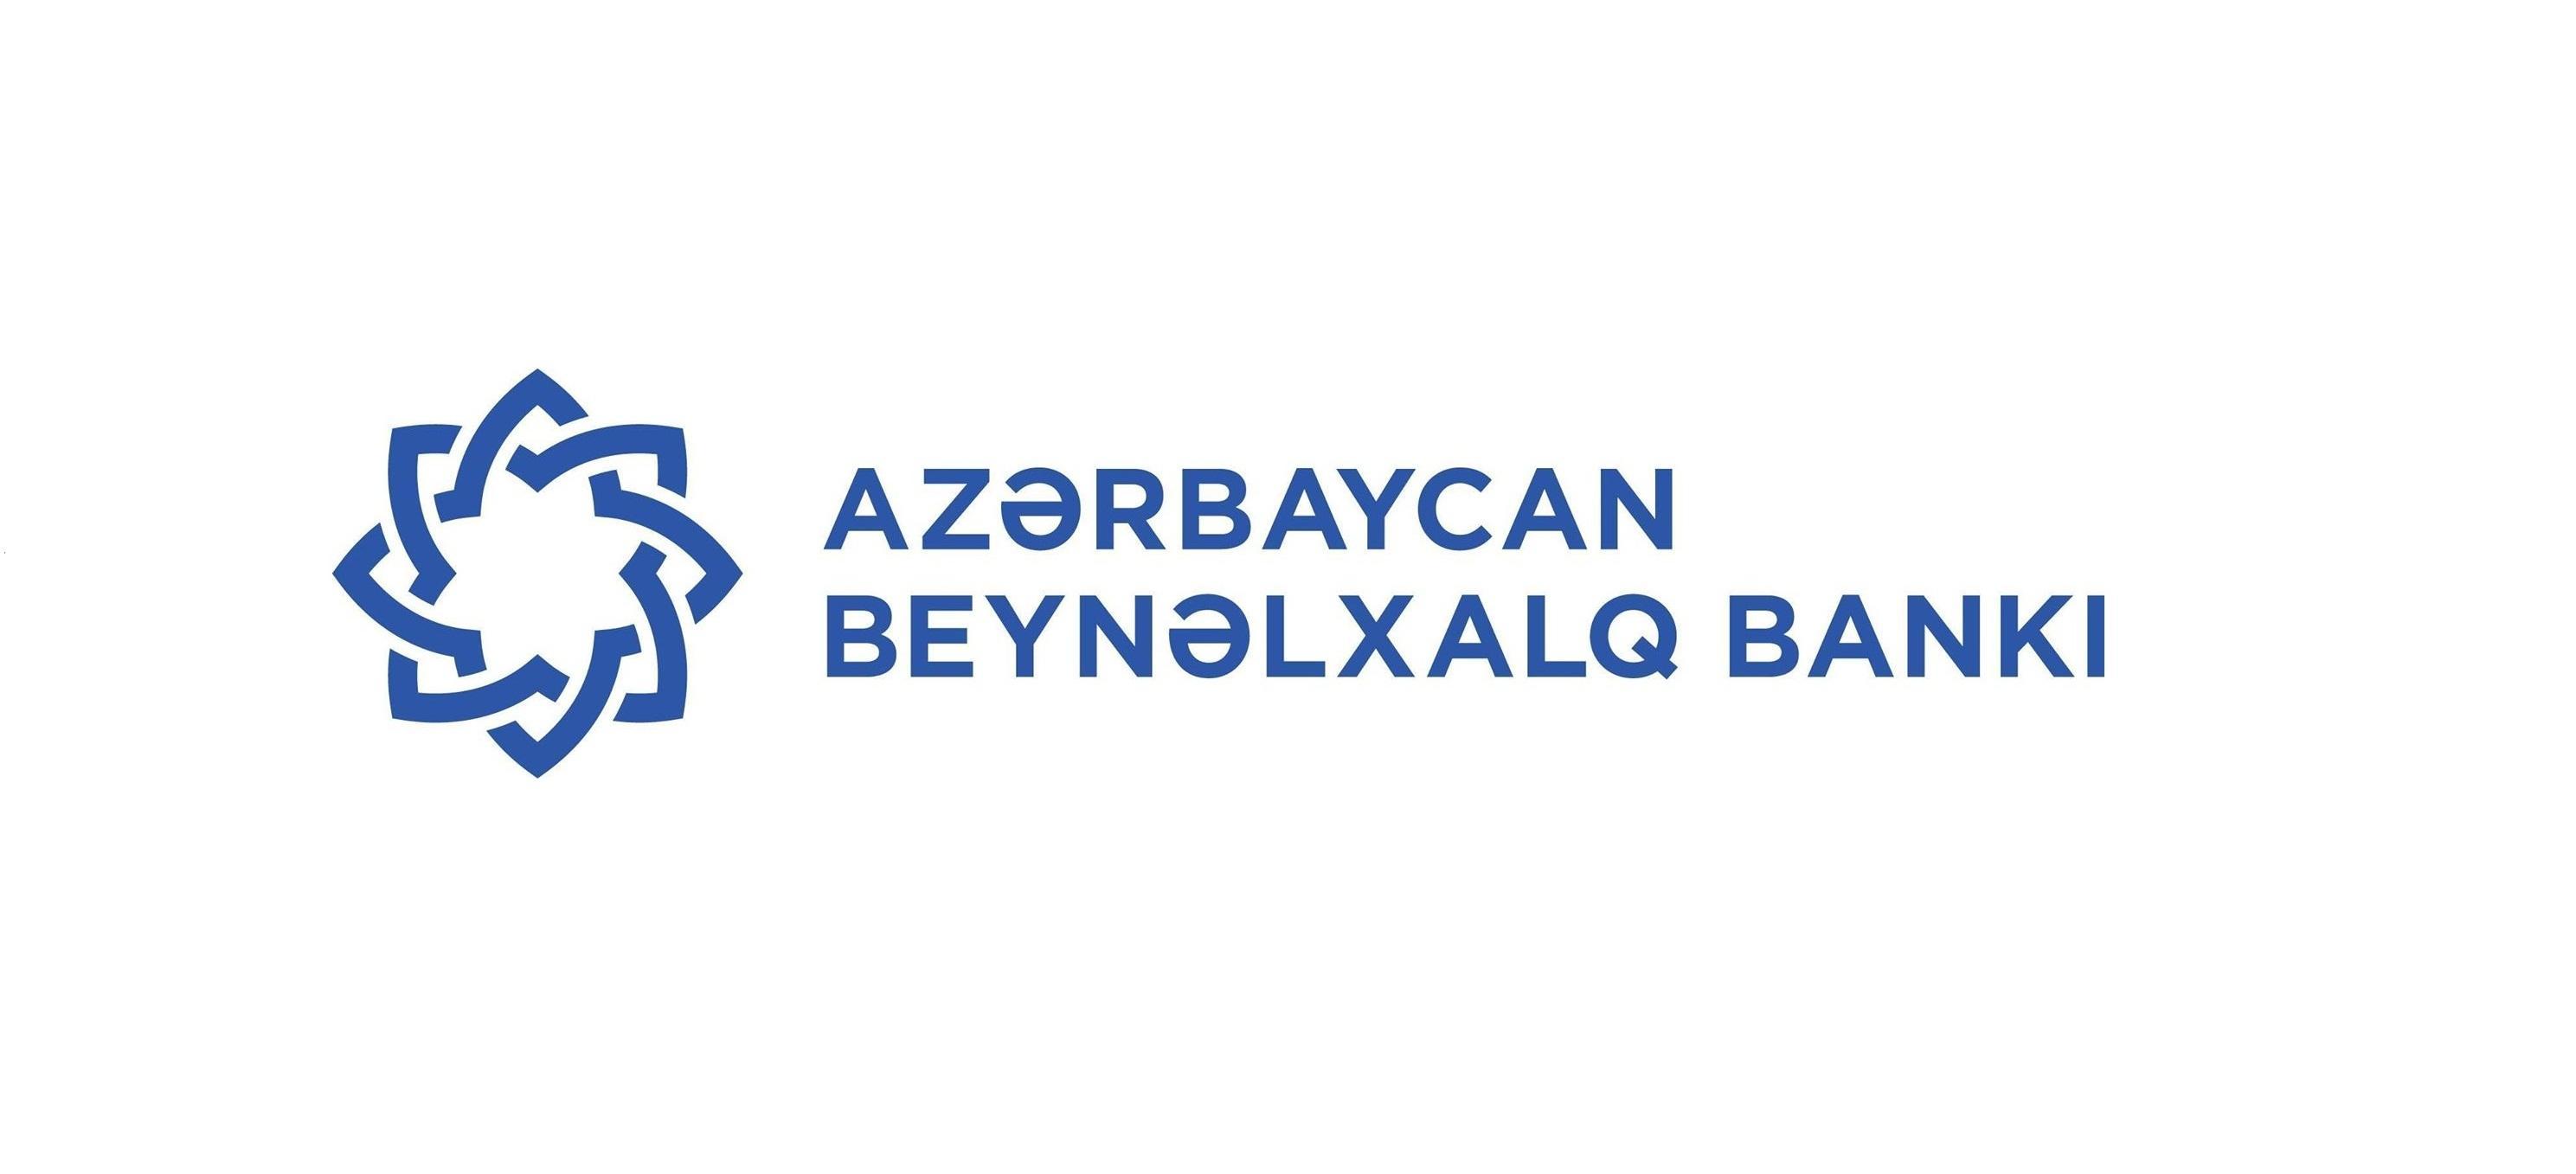 Azərbaycan Beynəlxalq Bankı filiallarla bağlı cinayət işinin başlaması məsələsinə aydınlıq gətirib